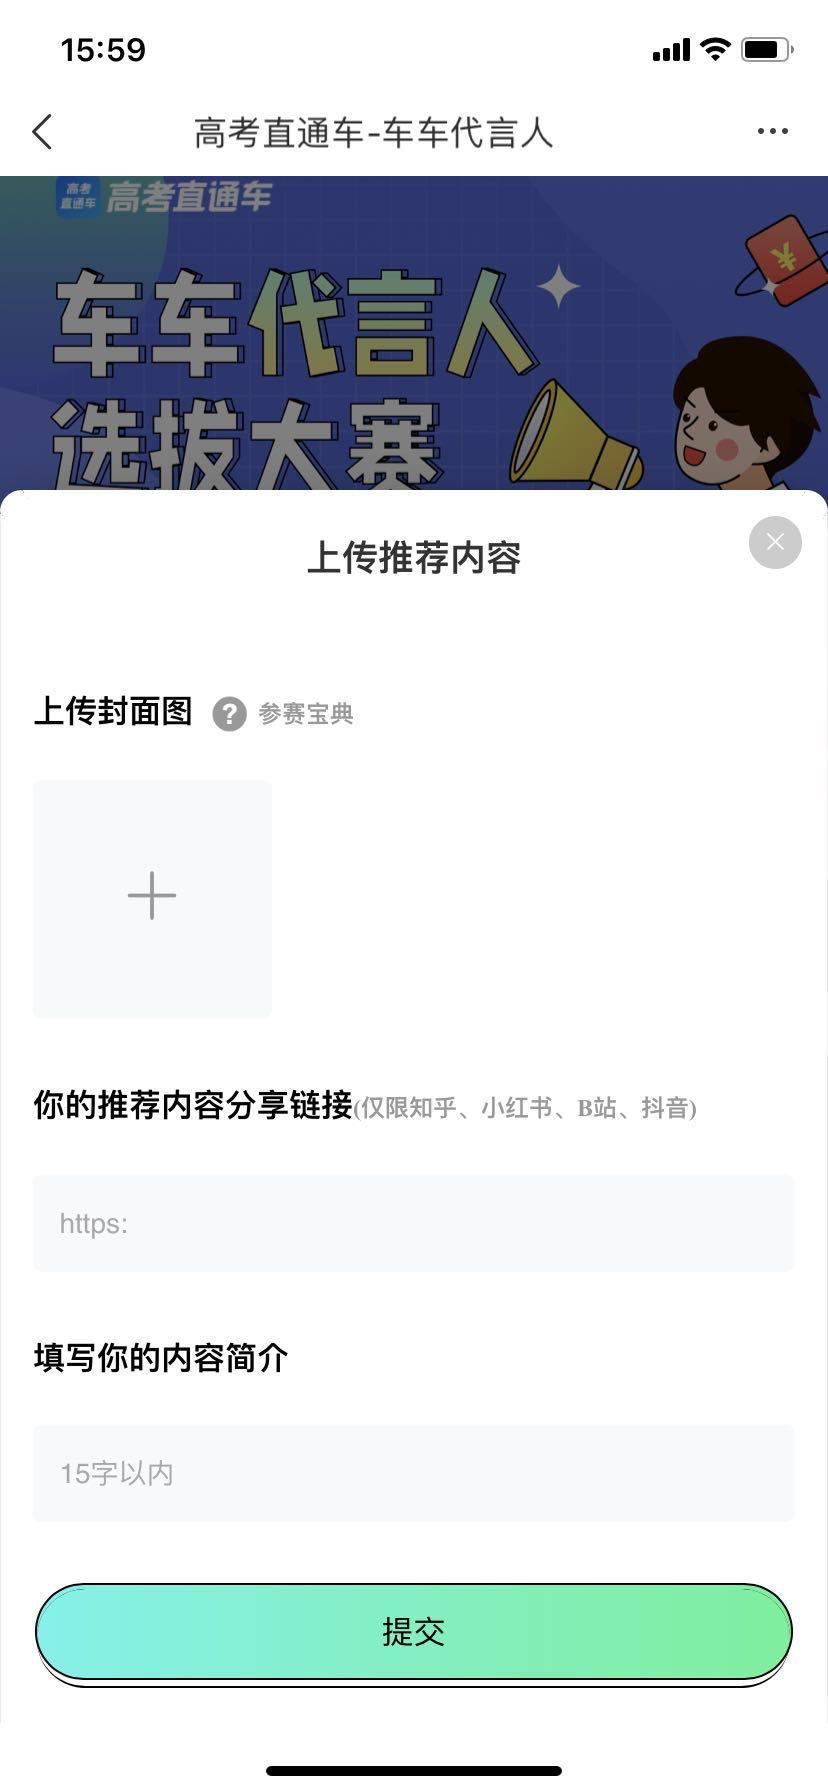 大水【微信红包】6.78元插图2